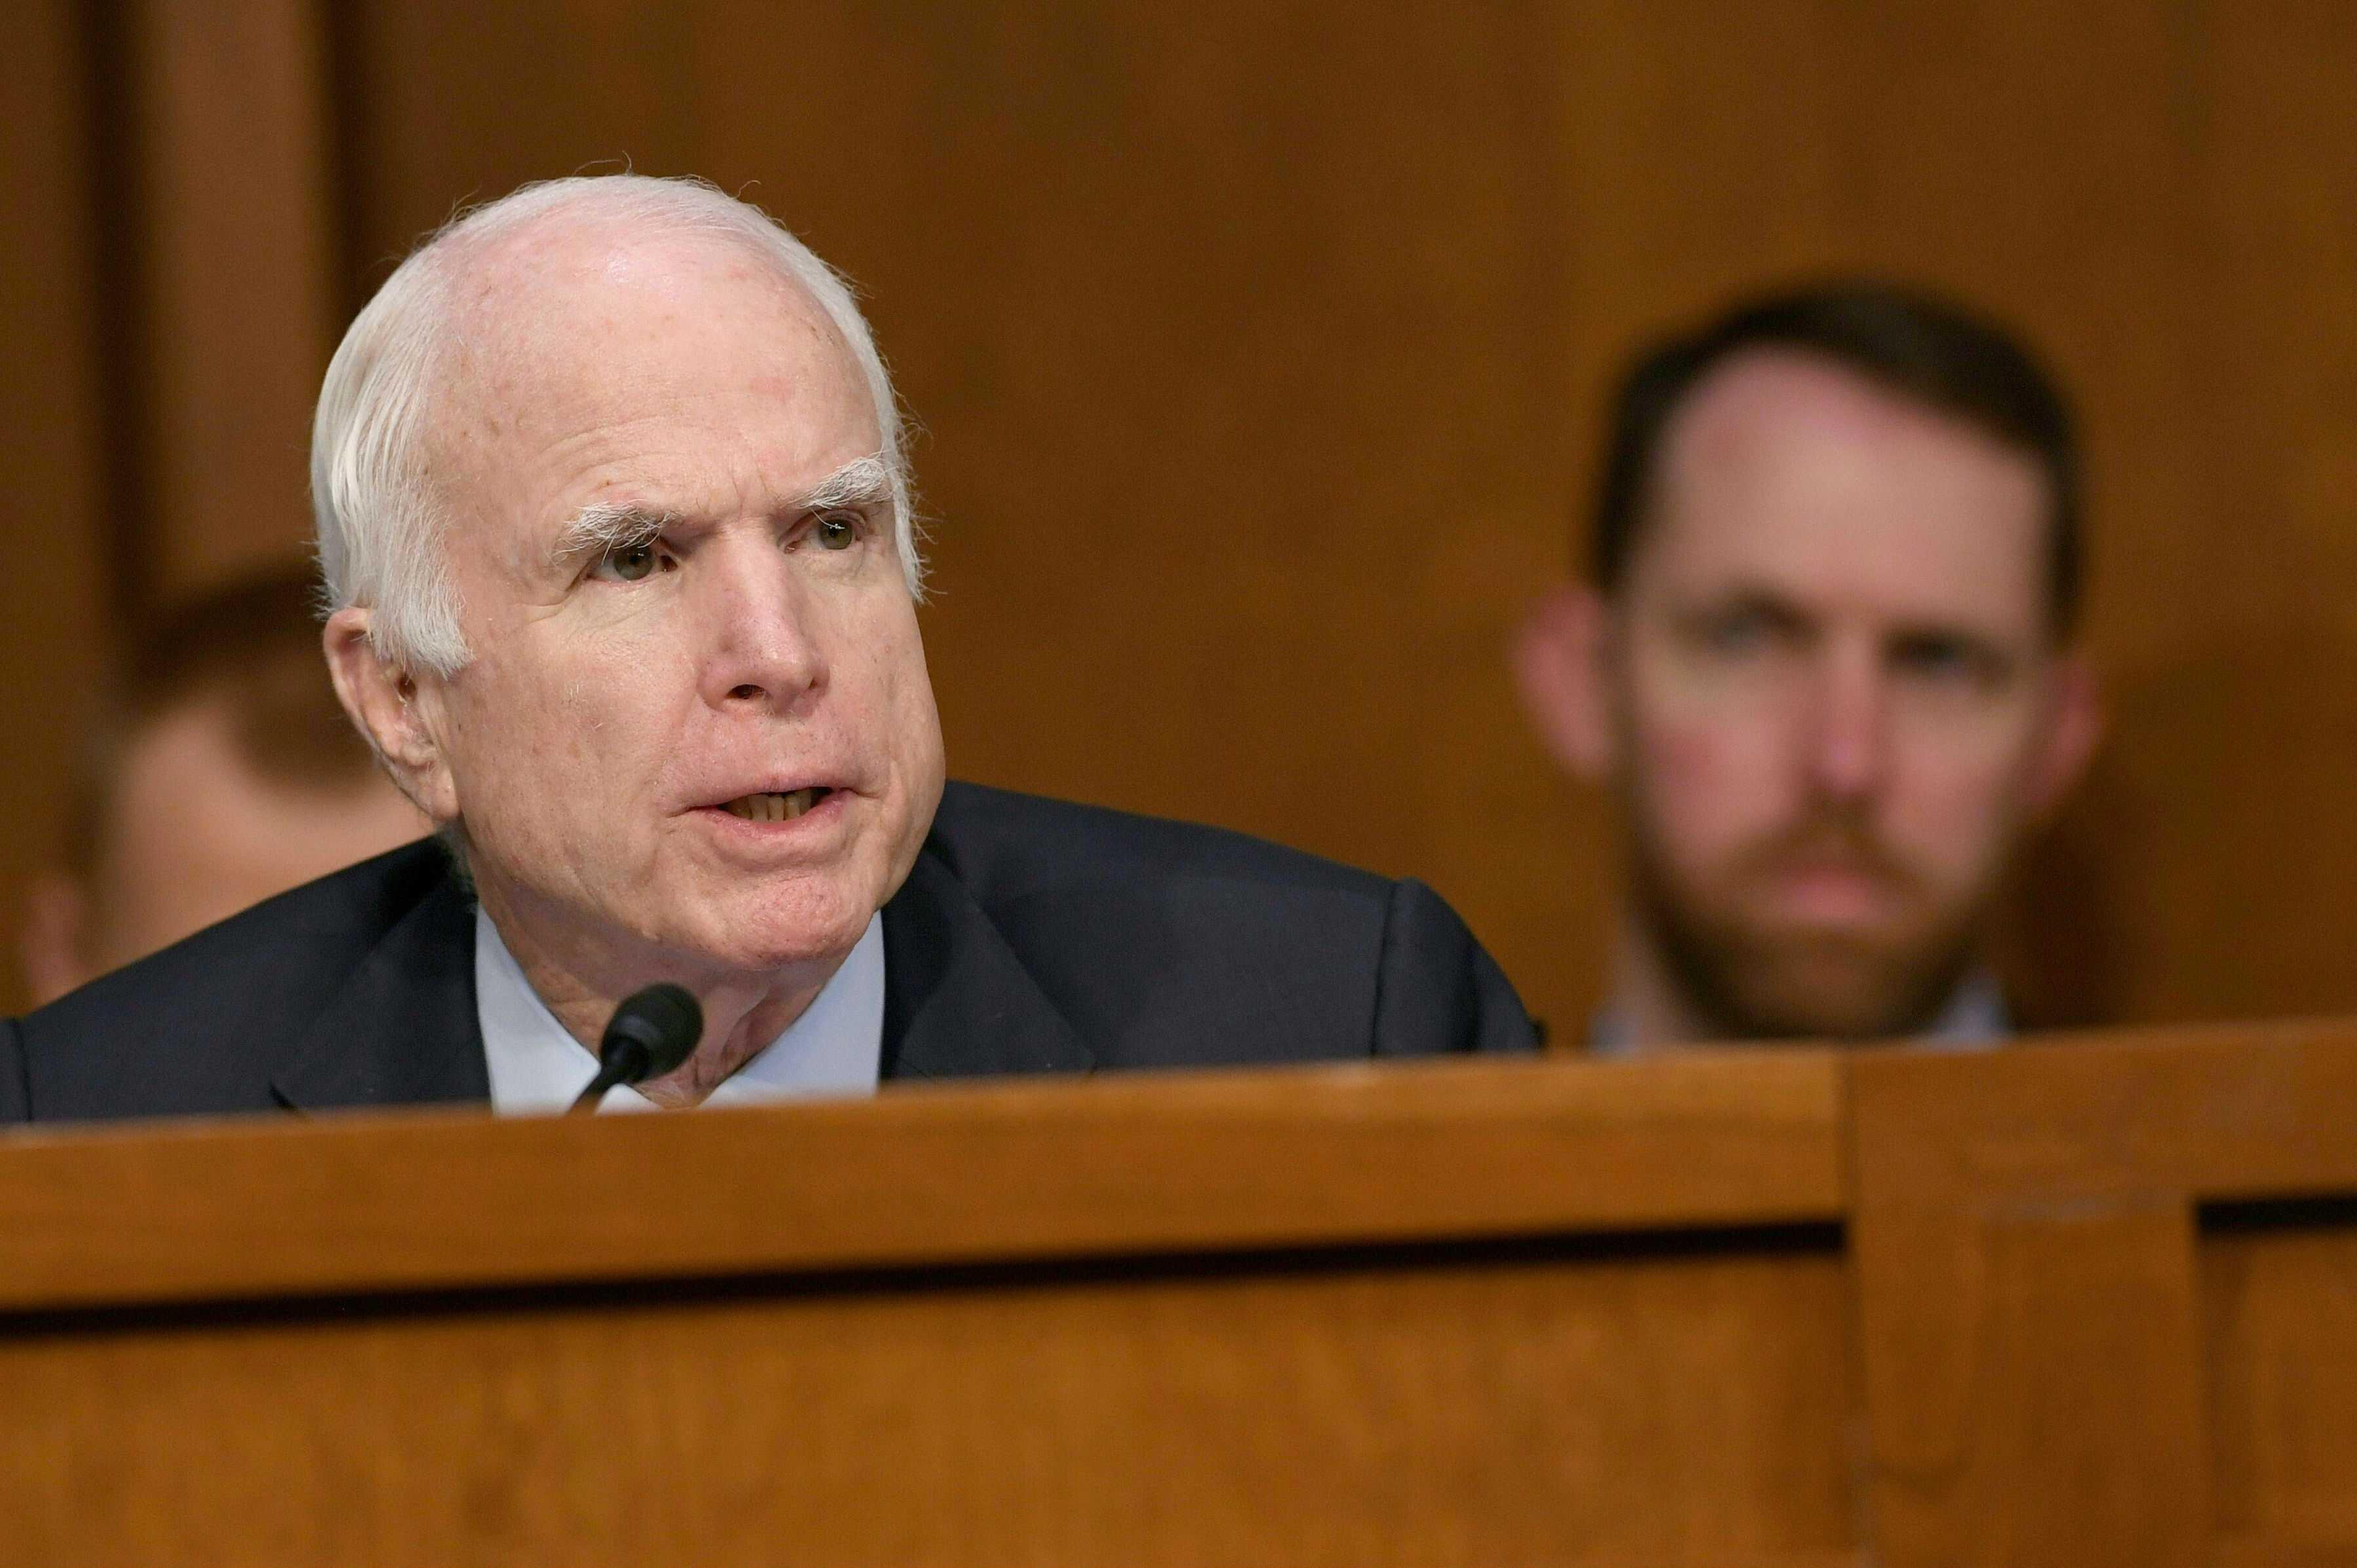 El cáncer que le diagnosticaron al senador McCain es uno de los más letales